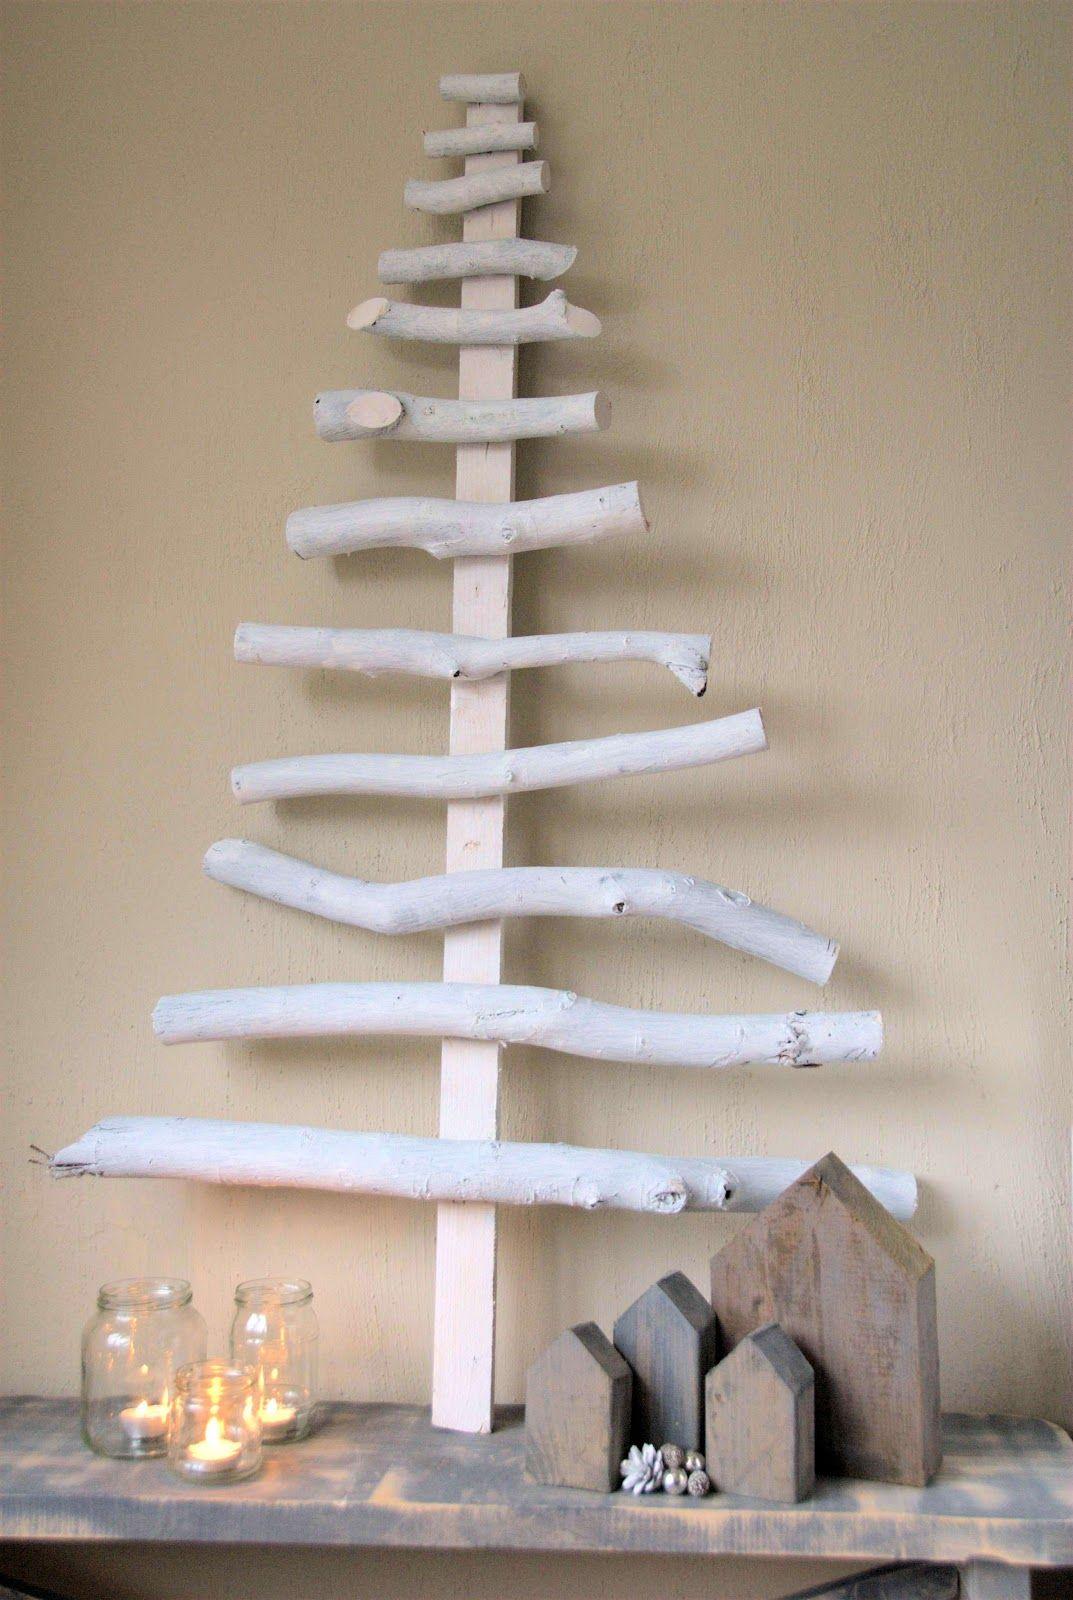 Fae309403cbbb05db8434970f5014fc5 Zelfgemaakte Kerstboom Versierde Kerstbomen Doe Het Zelf Kerst